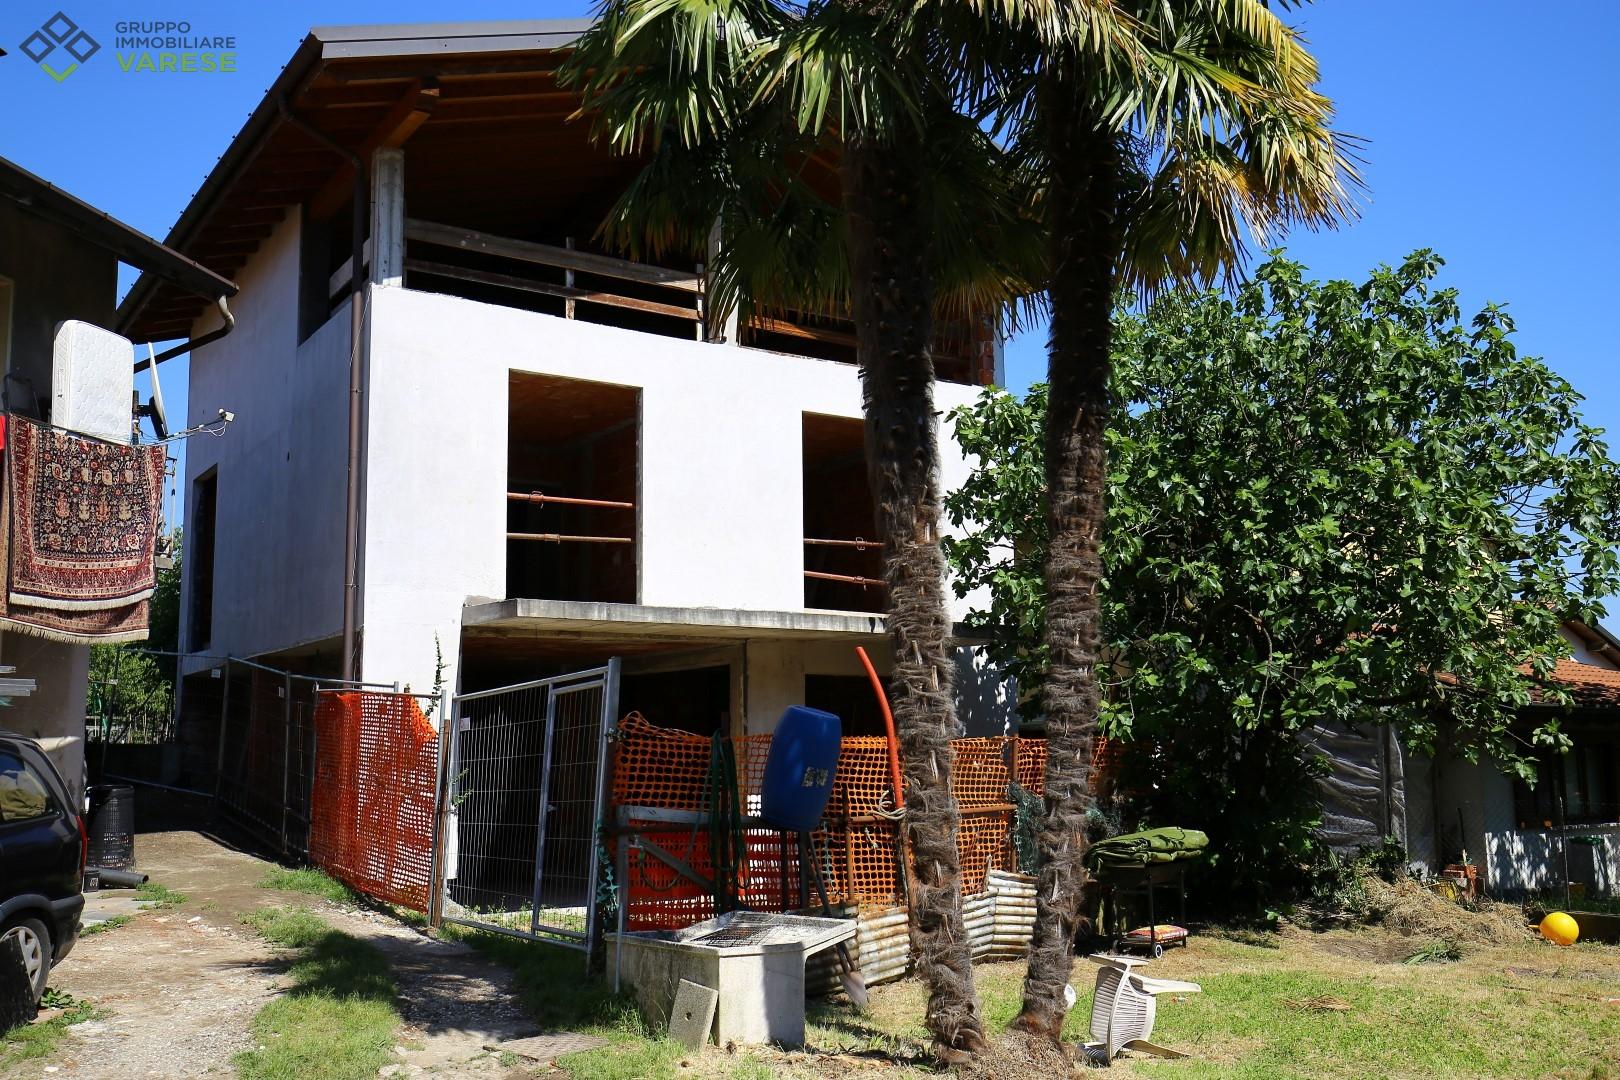 Soluzione Indipendente in vendita a Besozzo, 5 locali, zona Zona: Beverina, prezzo € 127.000 | CambioCasa.it